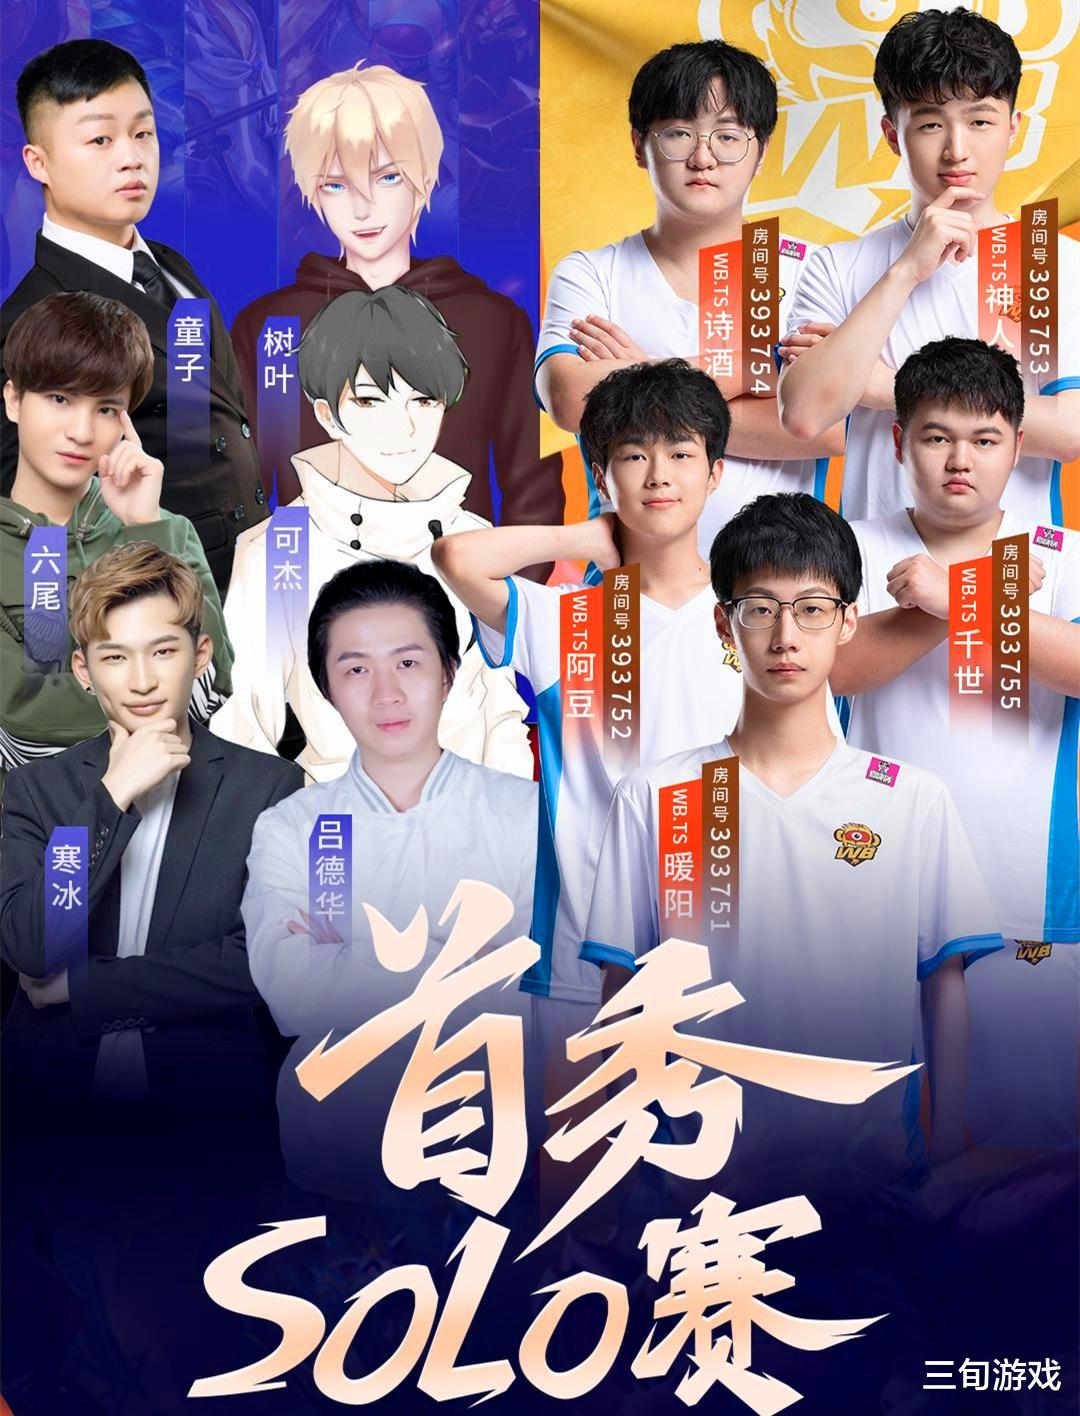 王者荣耀:TS战队正式入驻虎牙,剑仙带队挑战世界冠军!插图2